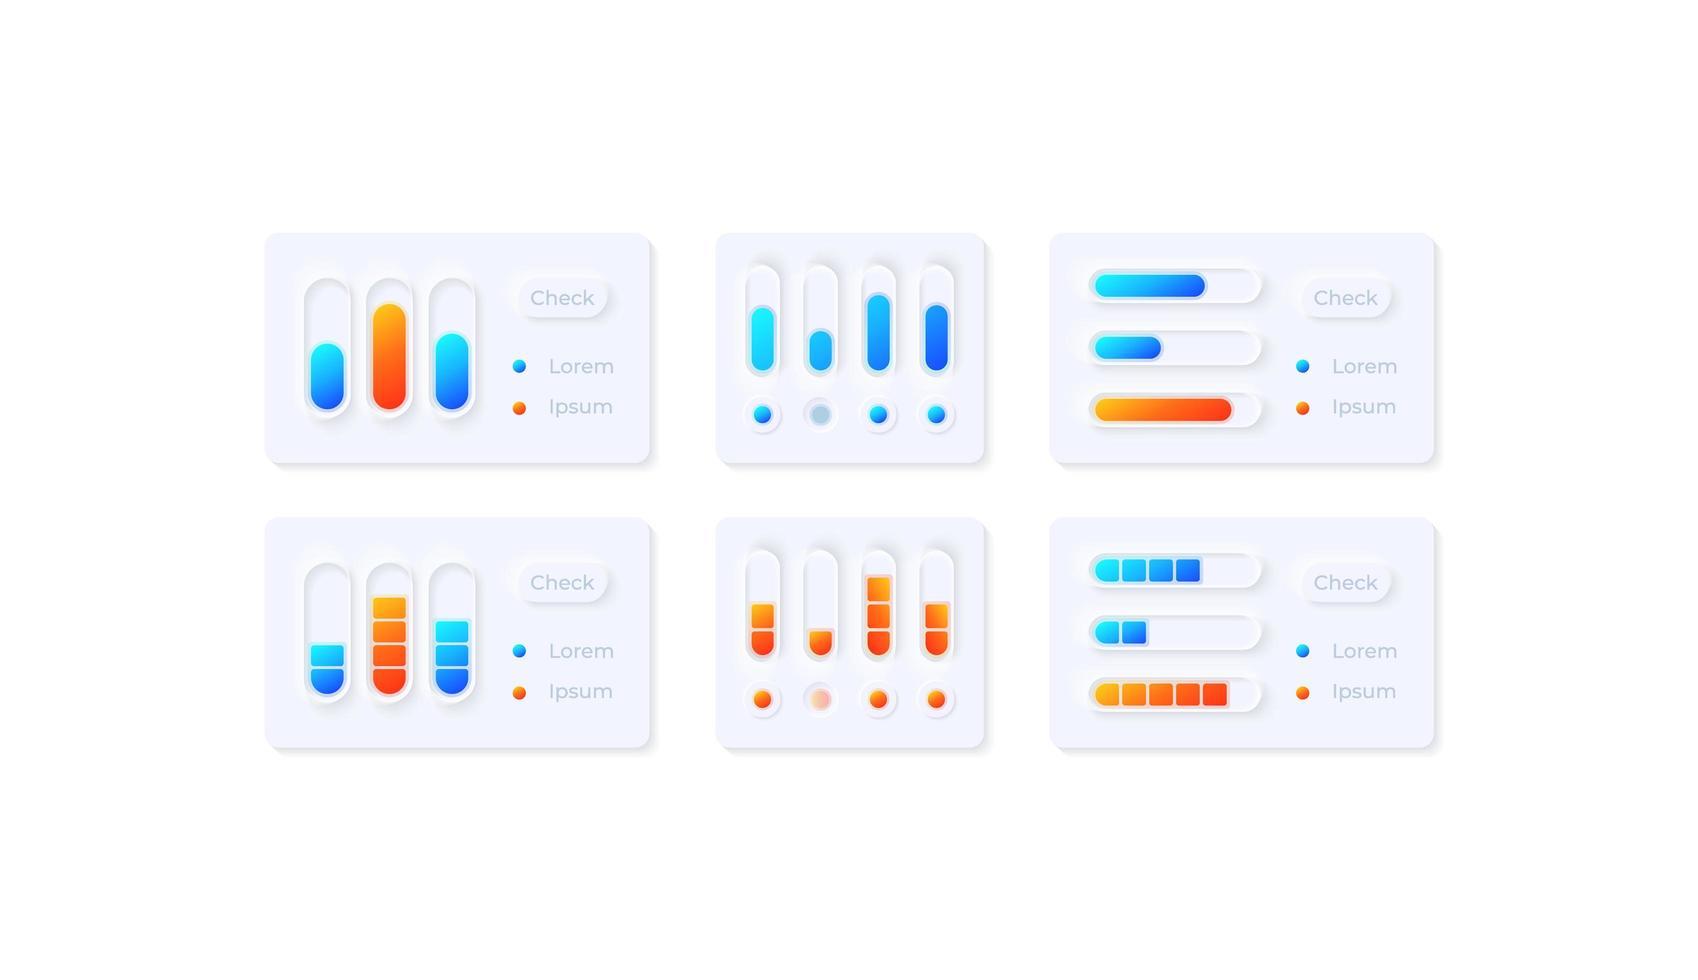 kit di elementi dell'interfaccia utente delle impostazioni multimediali vettore